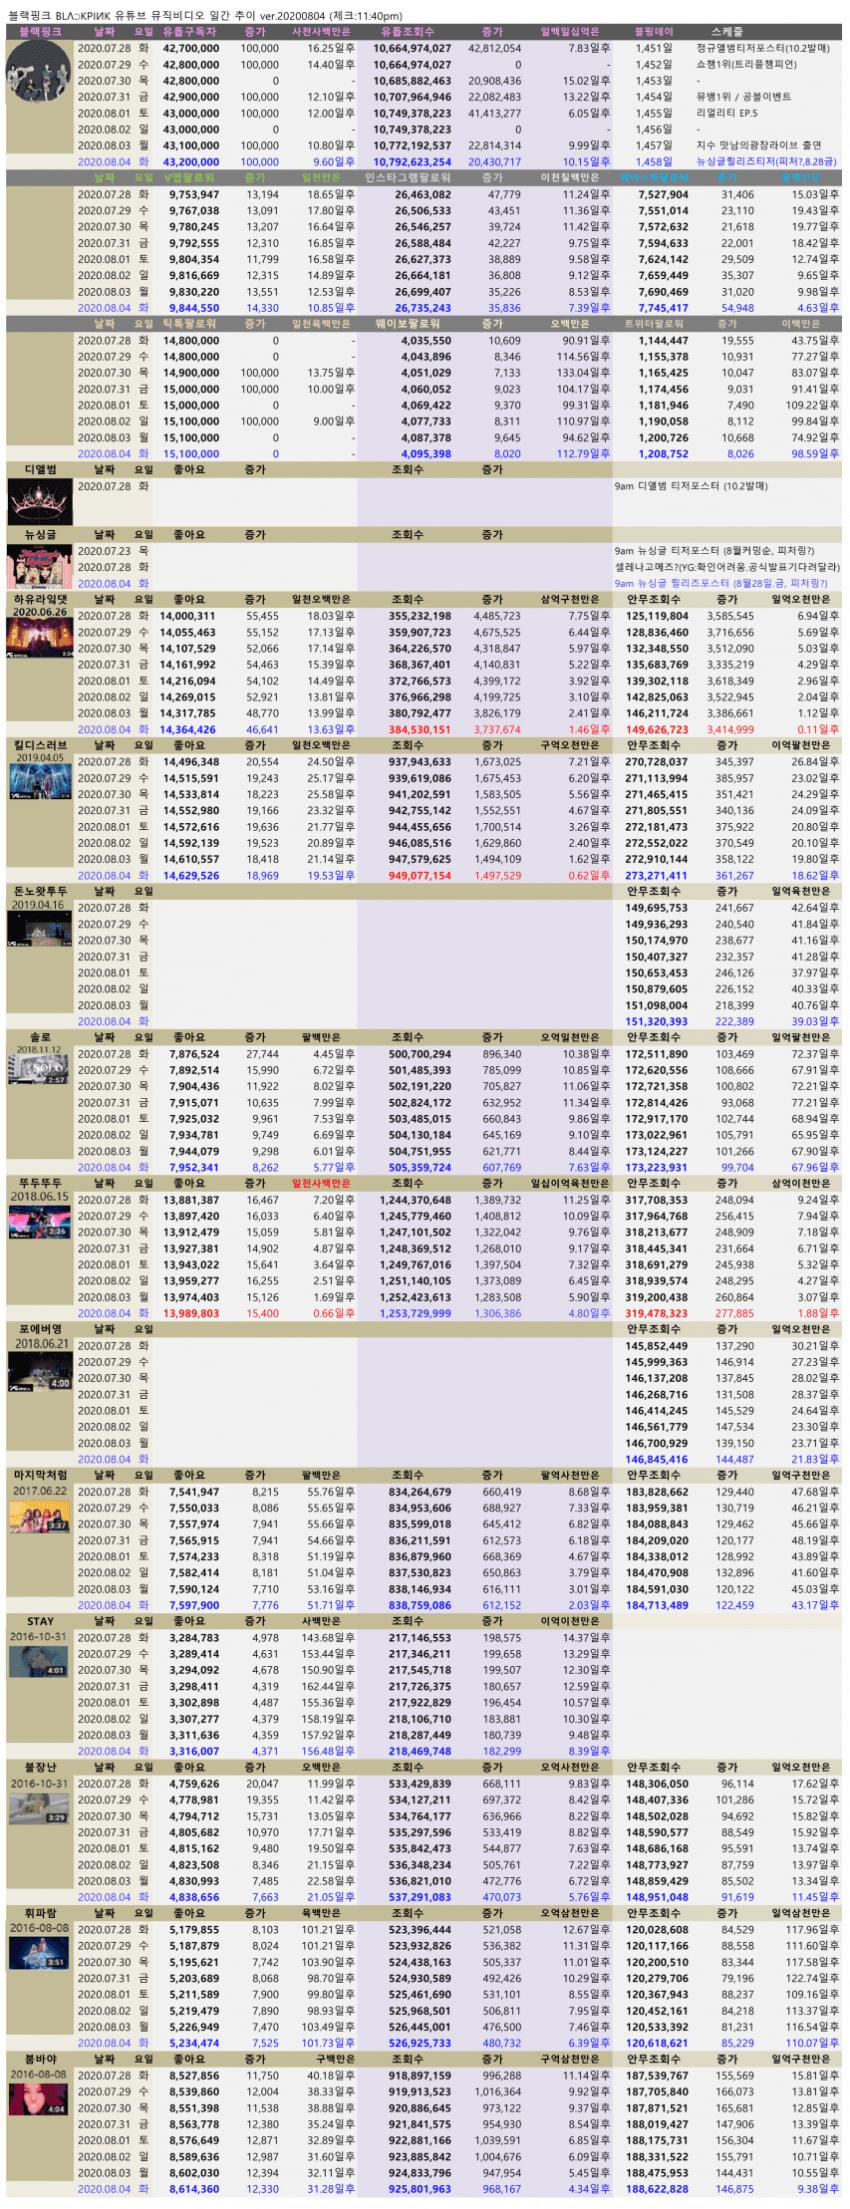 viewimage.php?id=2fb1d125eec231a865&no=24b0d769e1d32ca73fed8ffa11d028317805b44c4c832ef9bd9f2eca3d33a89c0b178a345ee46f33c8ee825fcac7da5c3fb467bd5d7da16ee4f114d3f4e46c44fbd1cef0